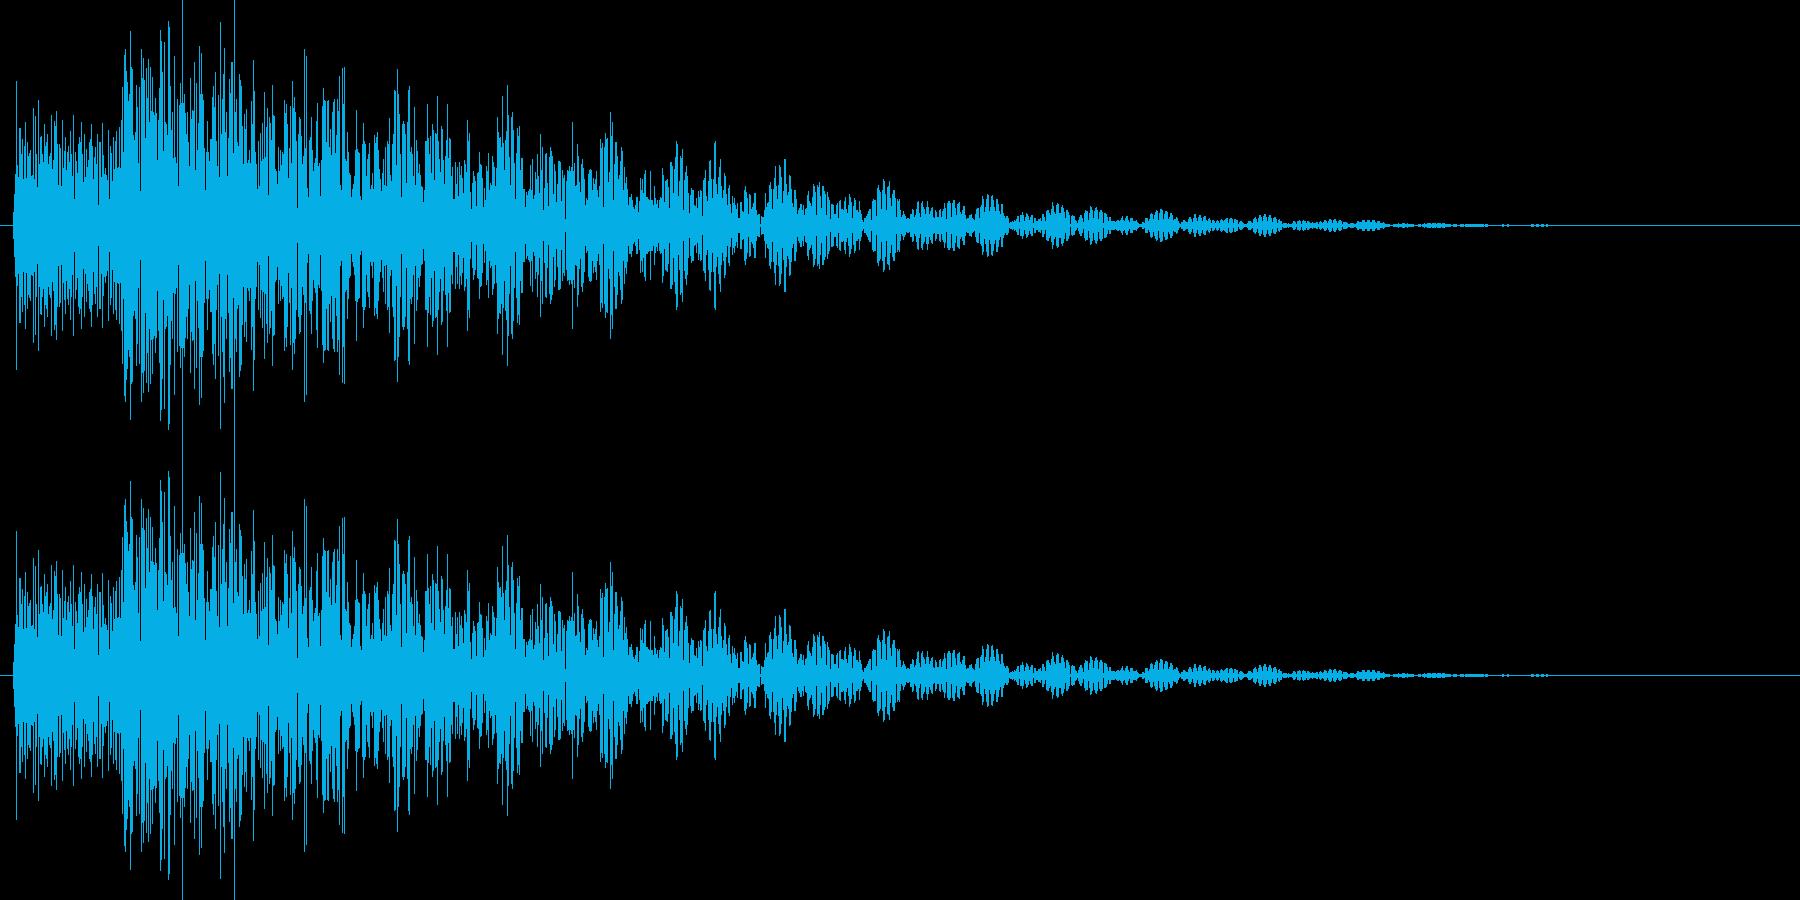 タララン 高 (ボタン、スタート音)の再生済みの波形